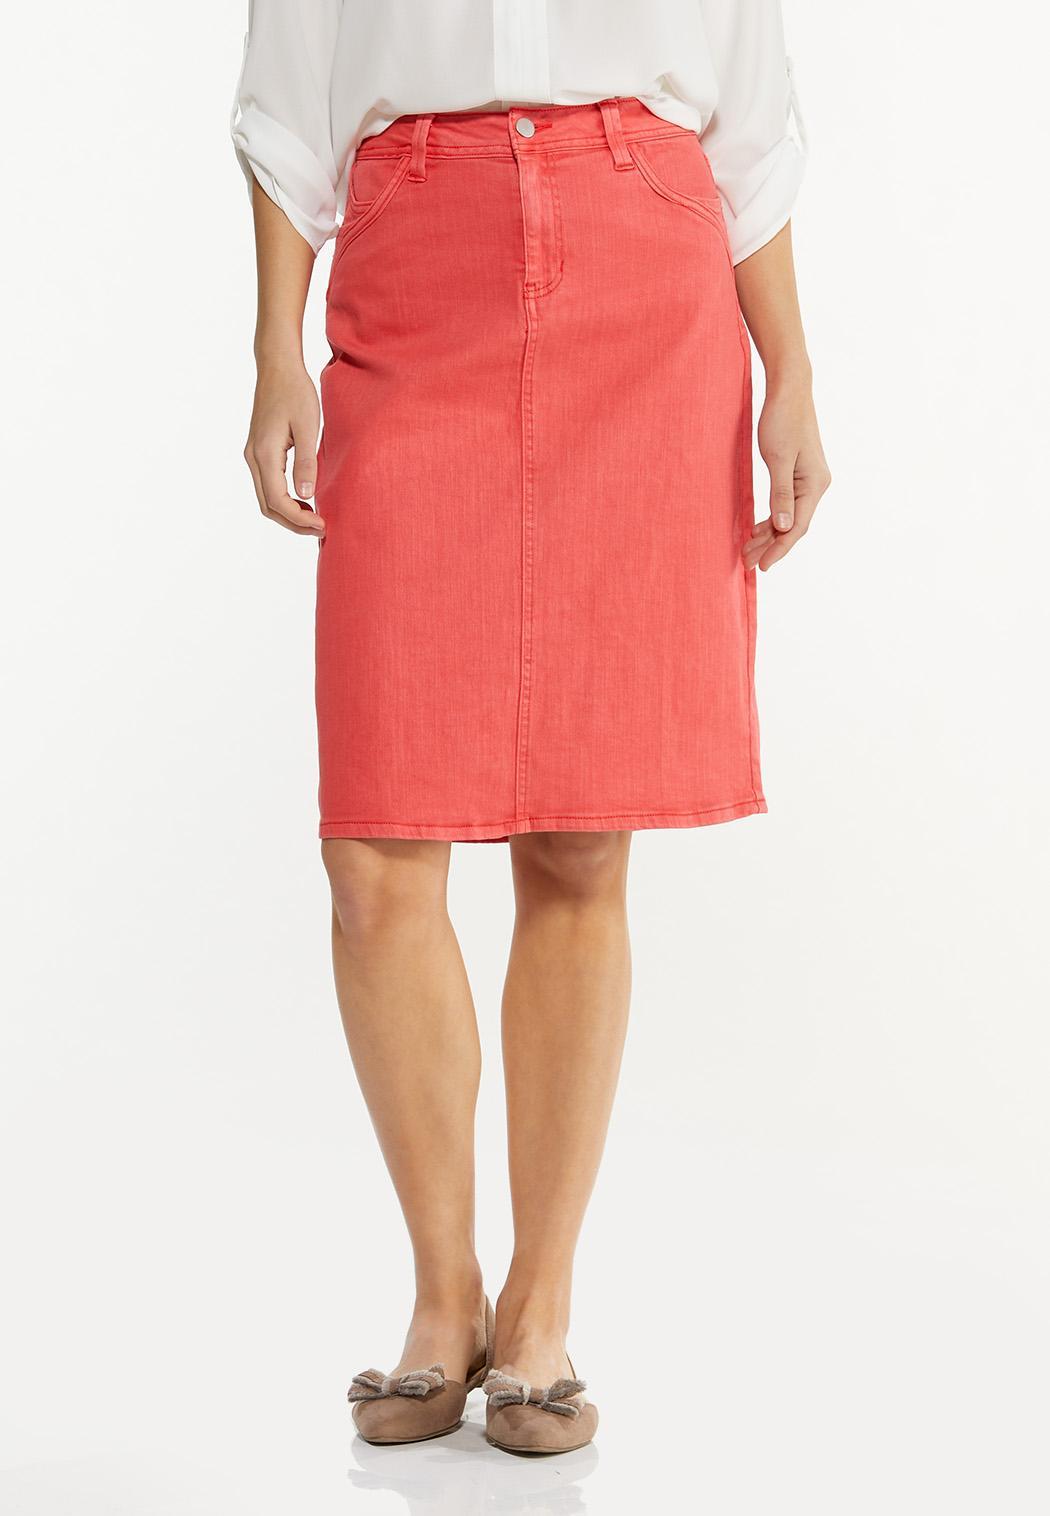 Colored Denim Skirt